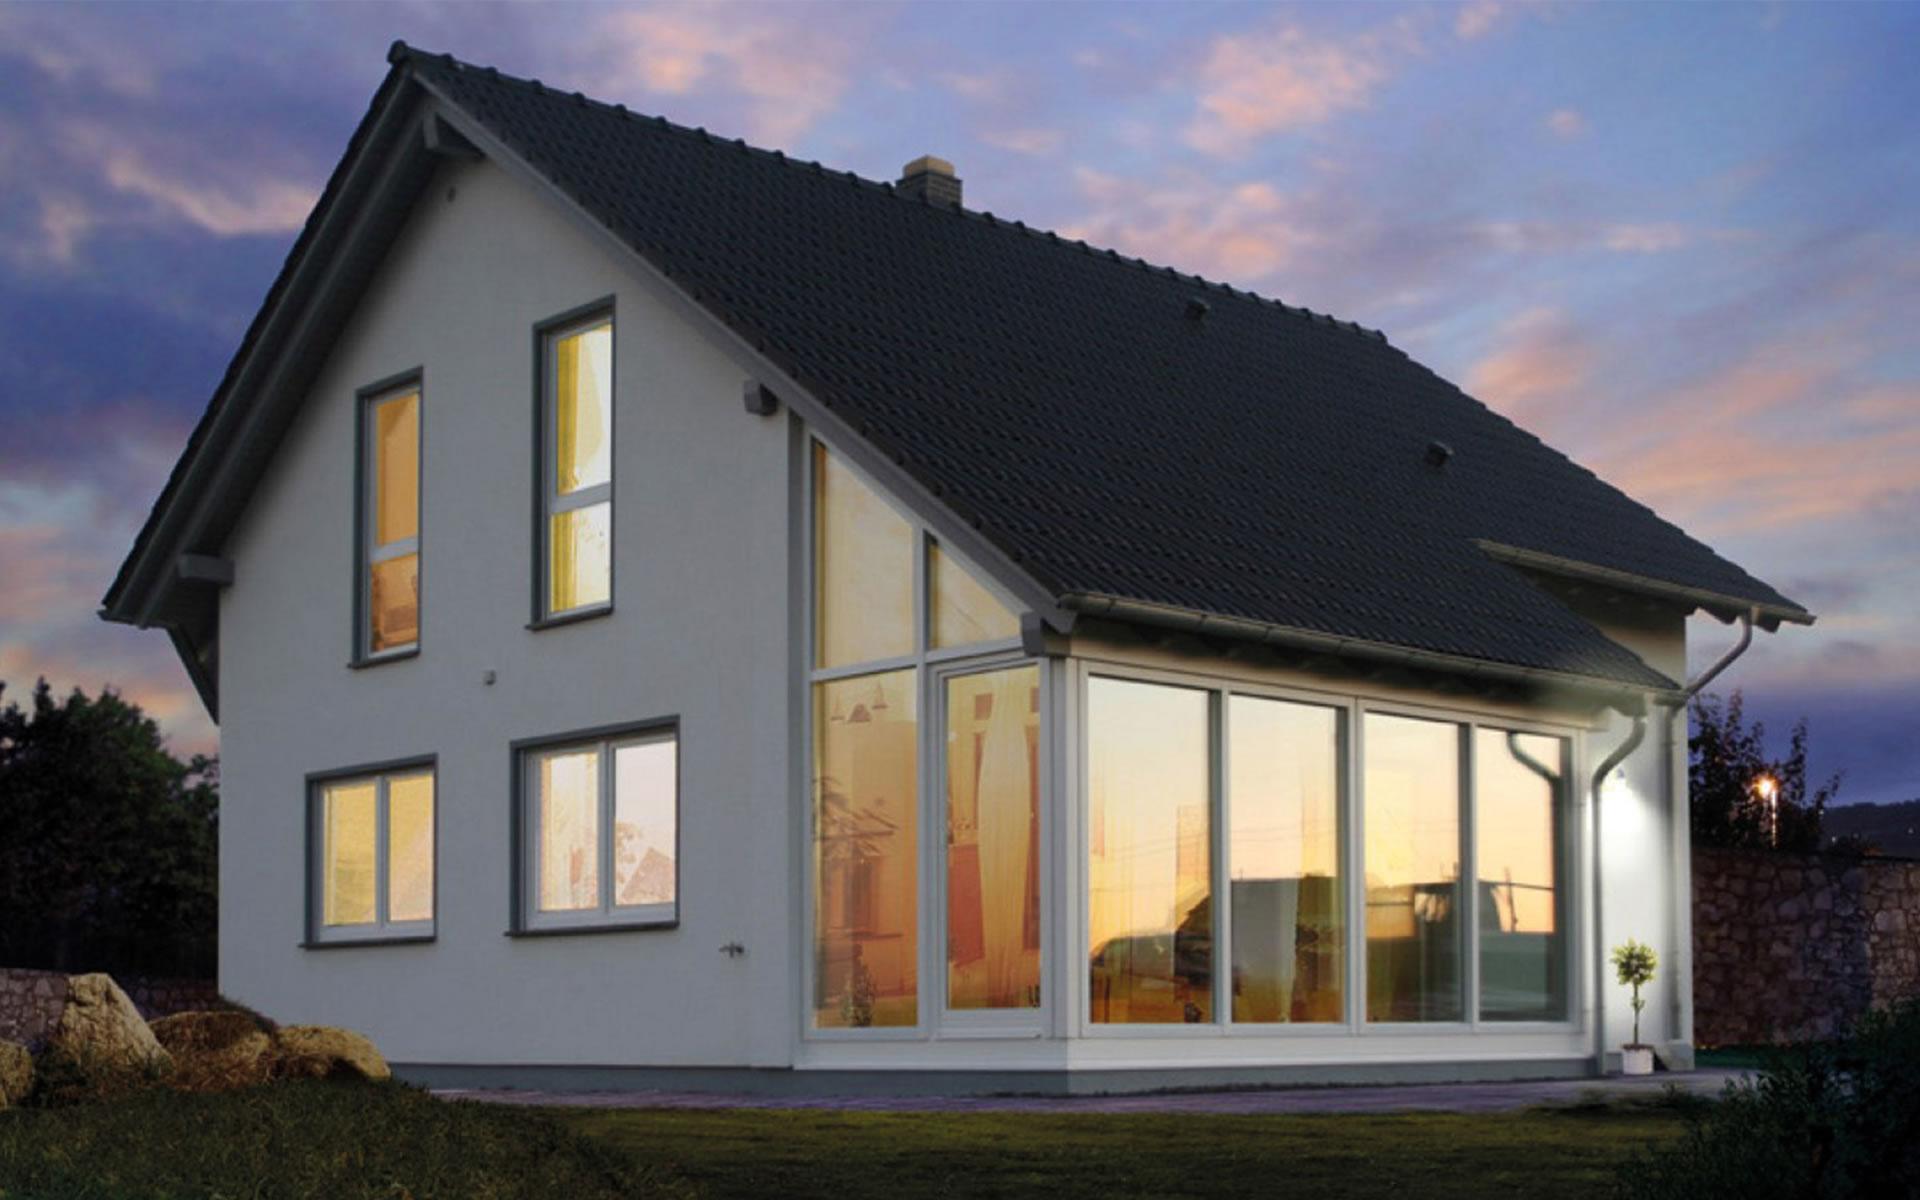 Stockholm von Fingerhut Haus GmbH & Co. KG